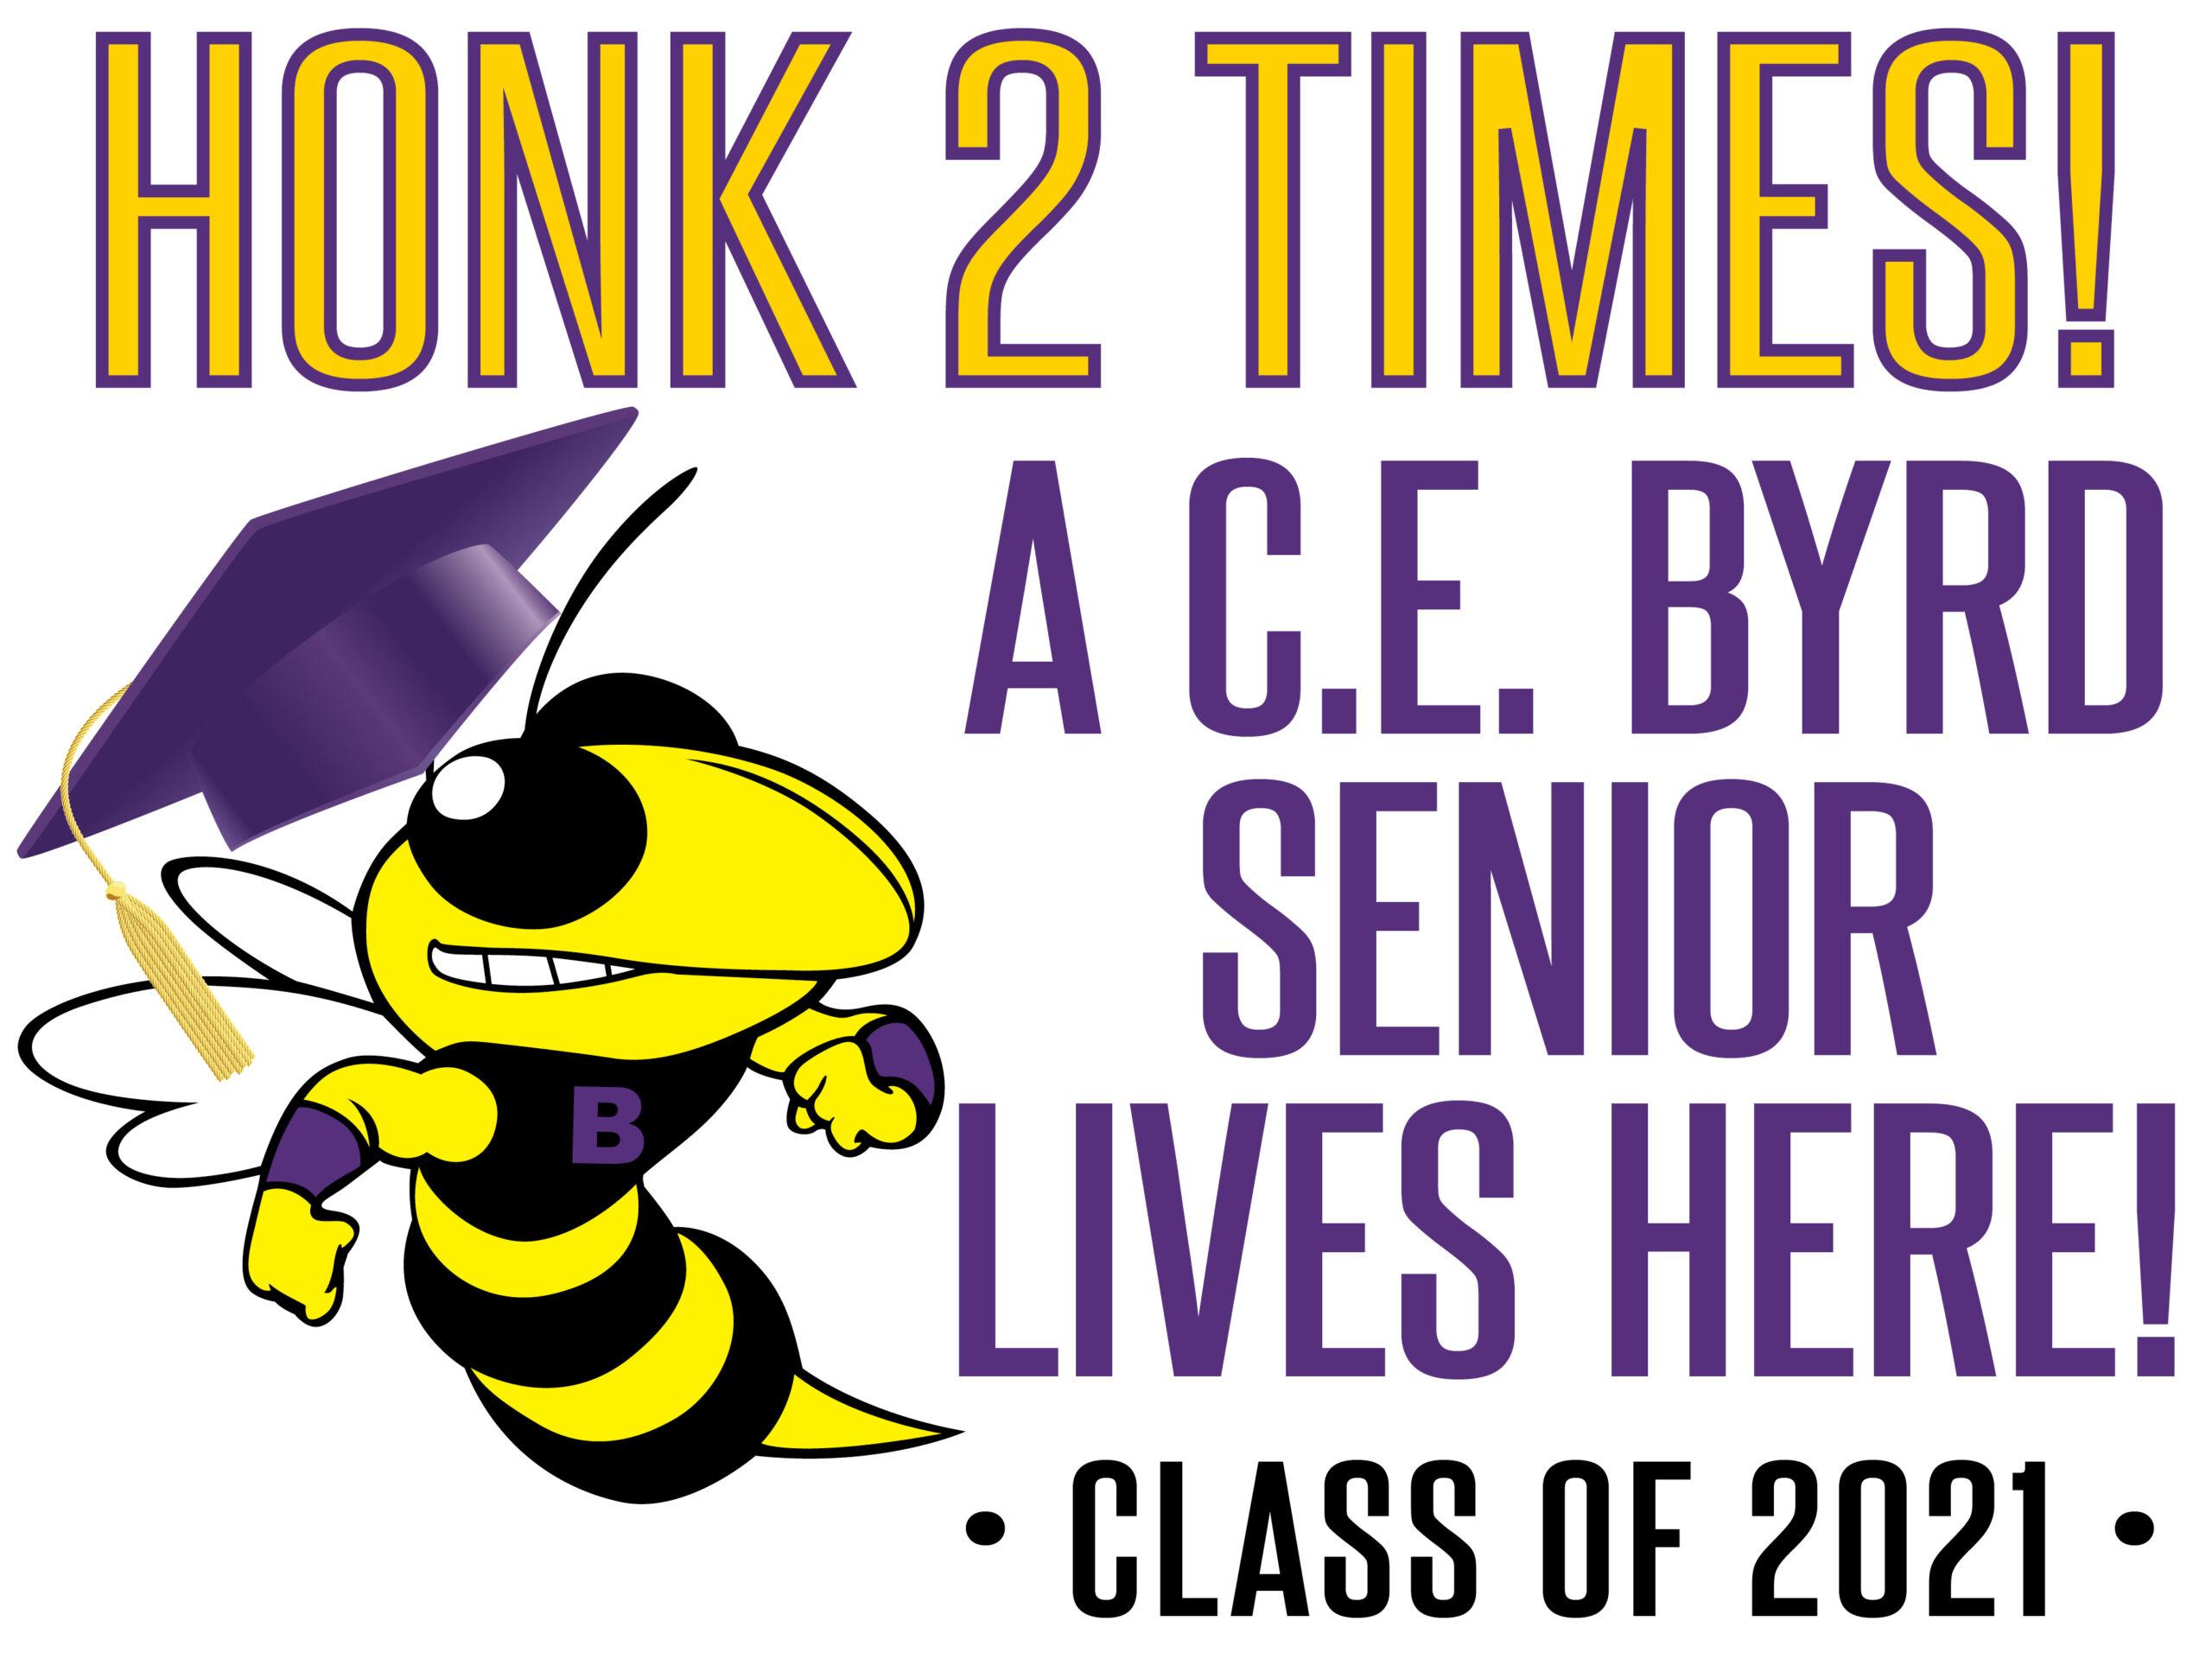 C.E. Byrd Senior Yard Signs c/o 2021